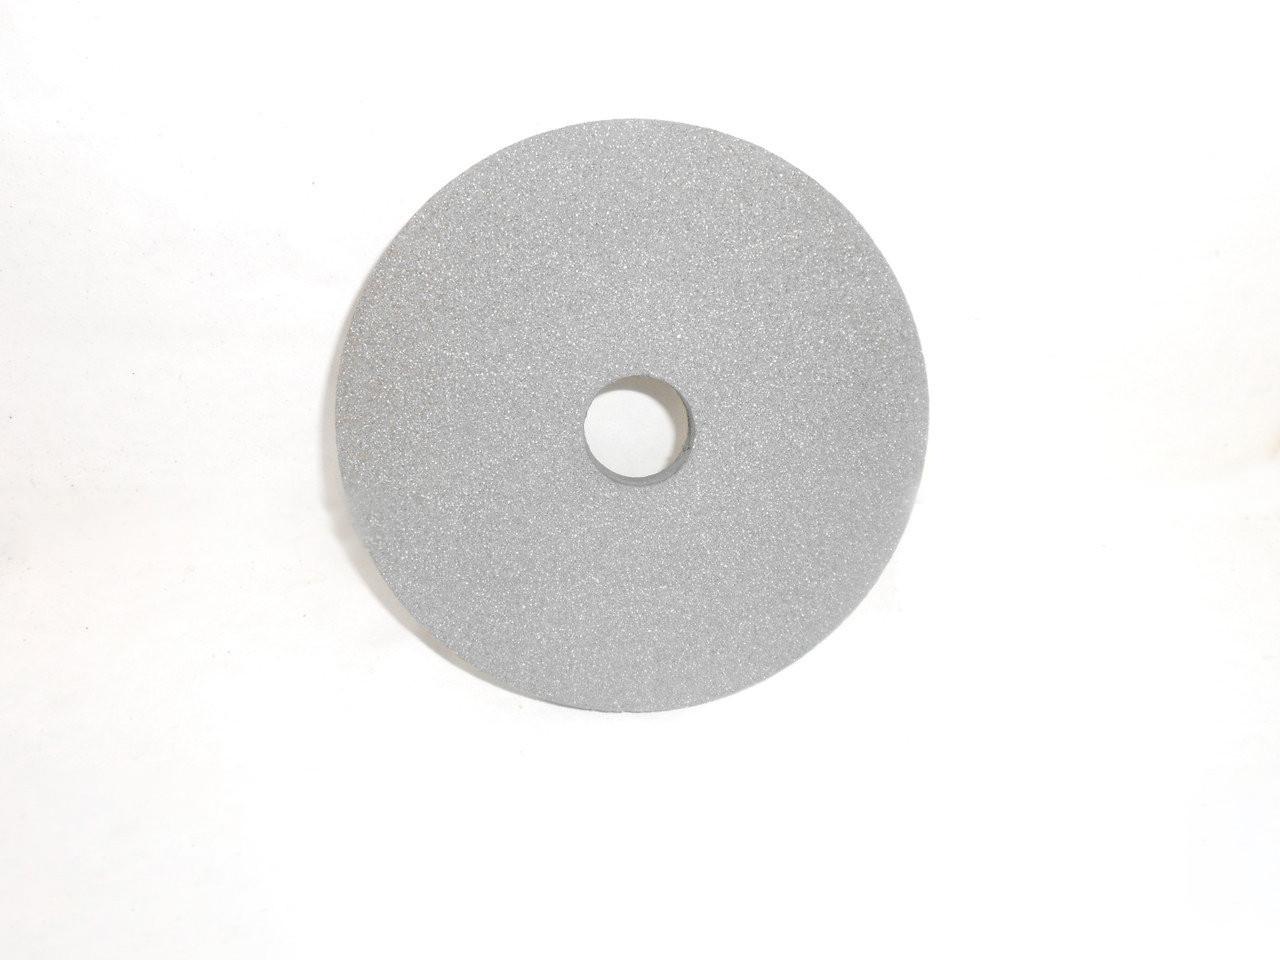 Круг шлифовальный 14А ПП 150х10х32  16-40 СМ-СТ